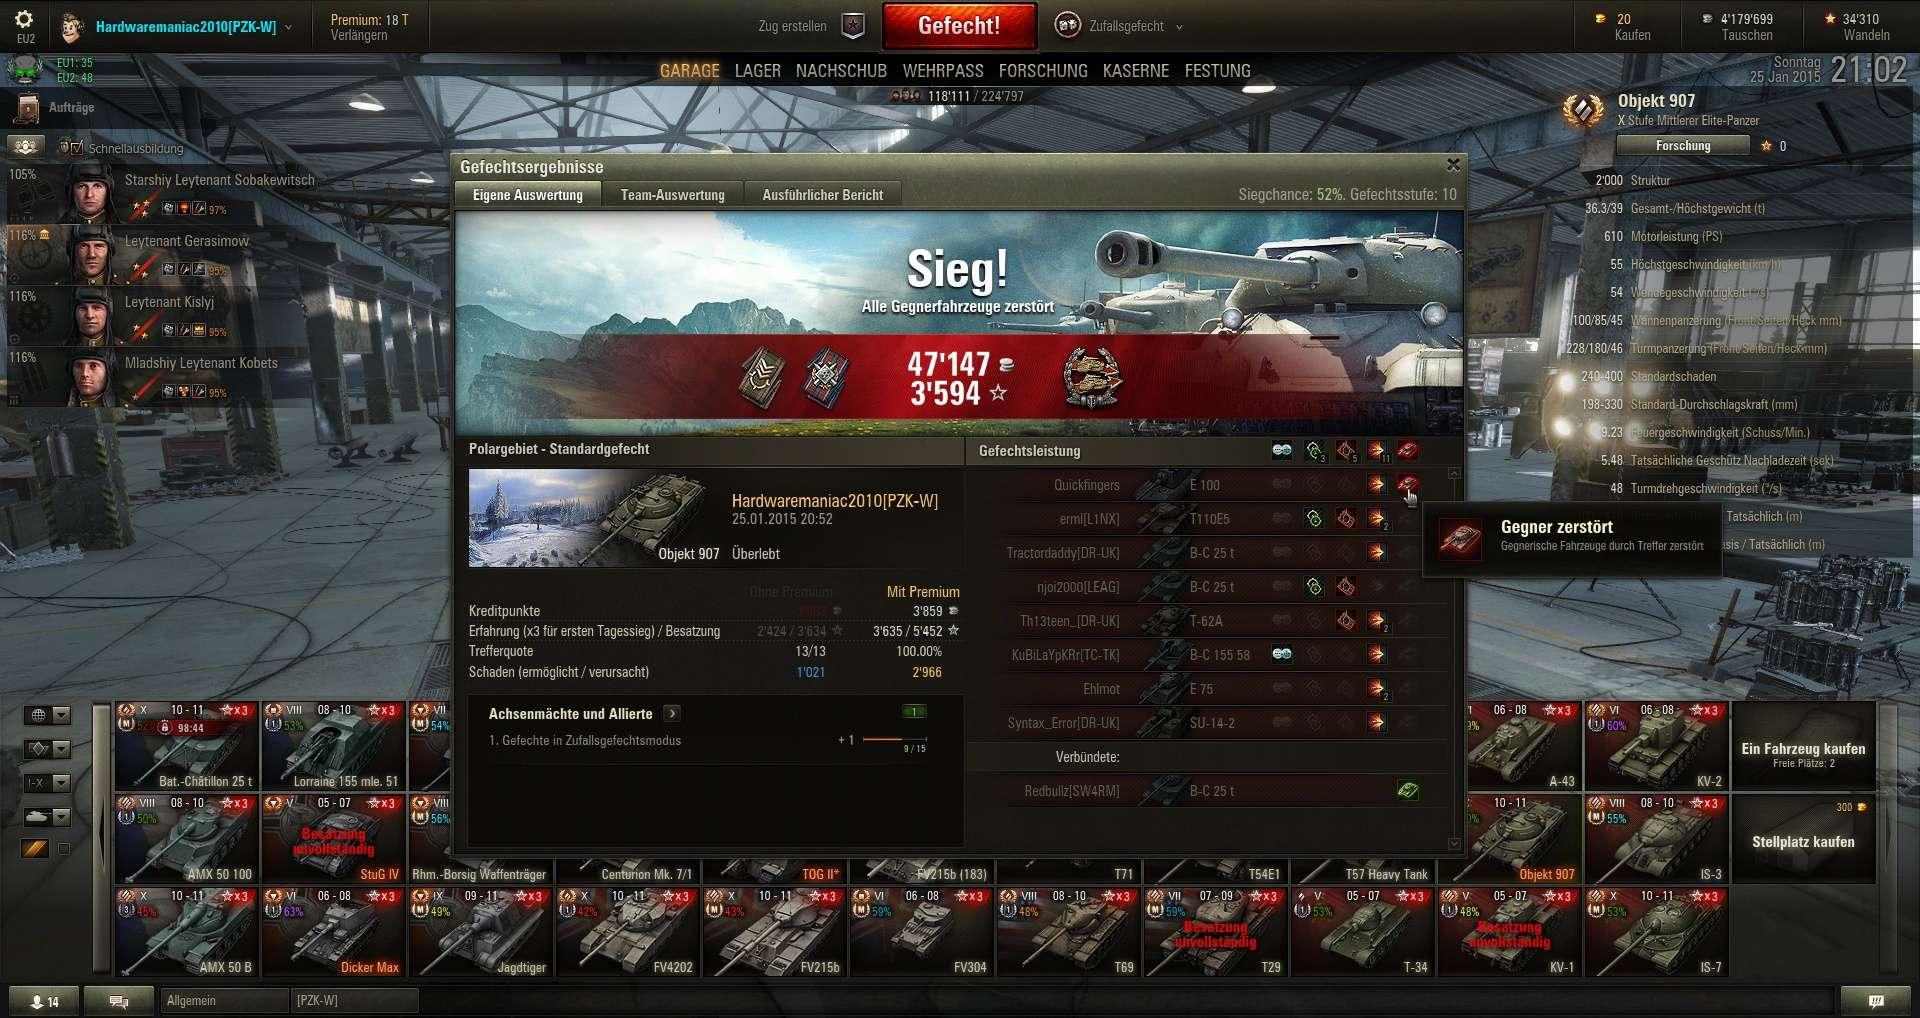 Replay: RNG Shot_020